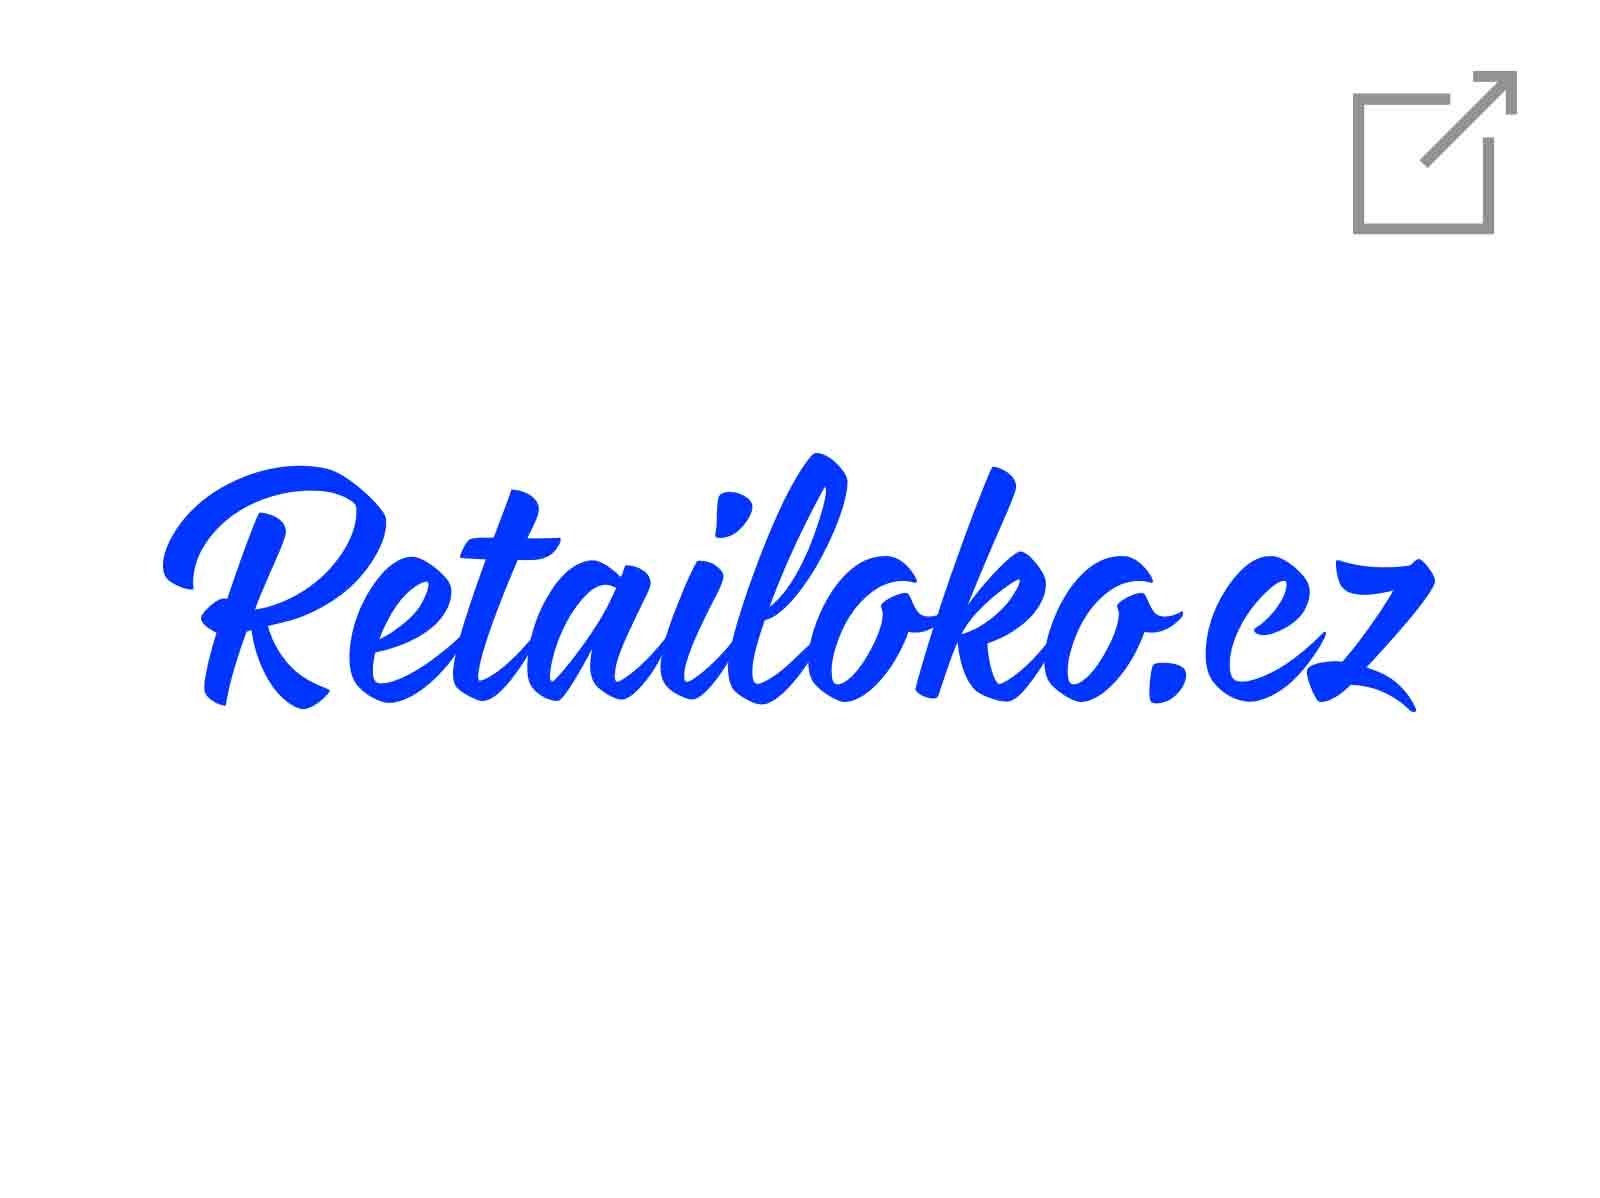 Retailoko_ok